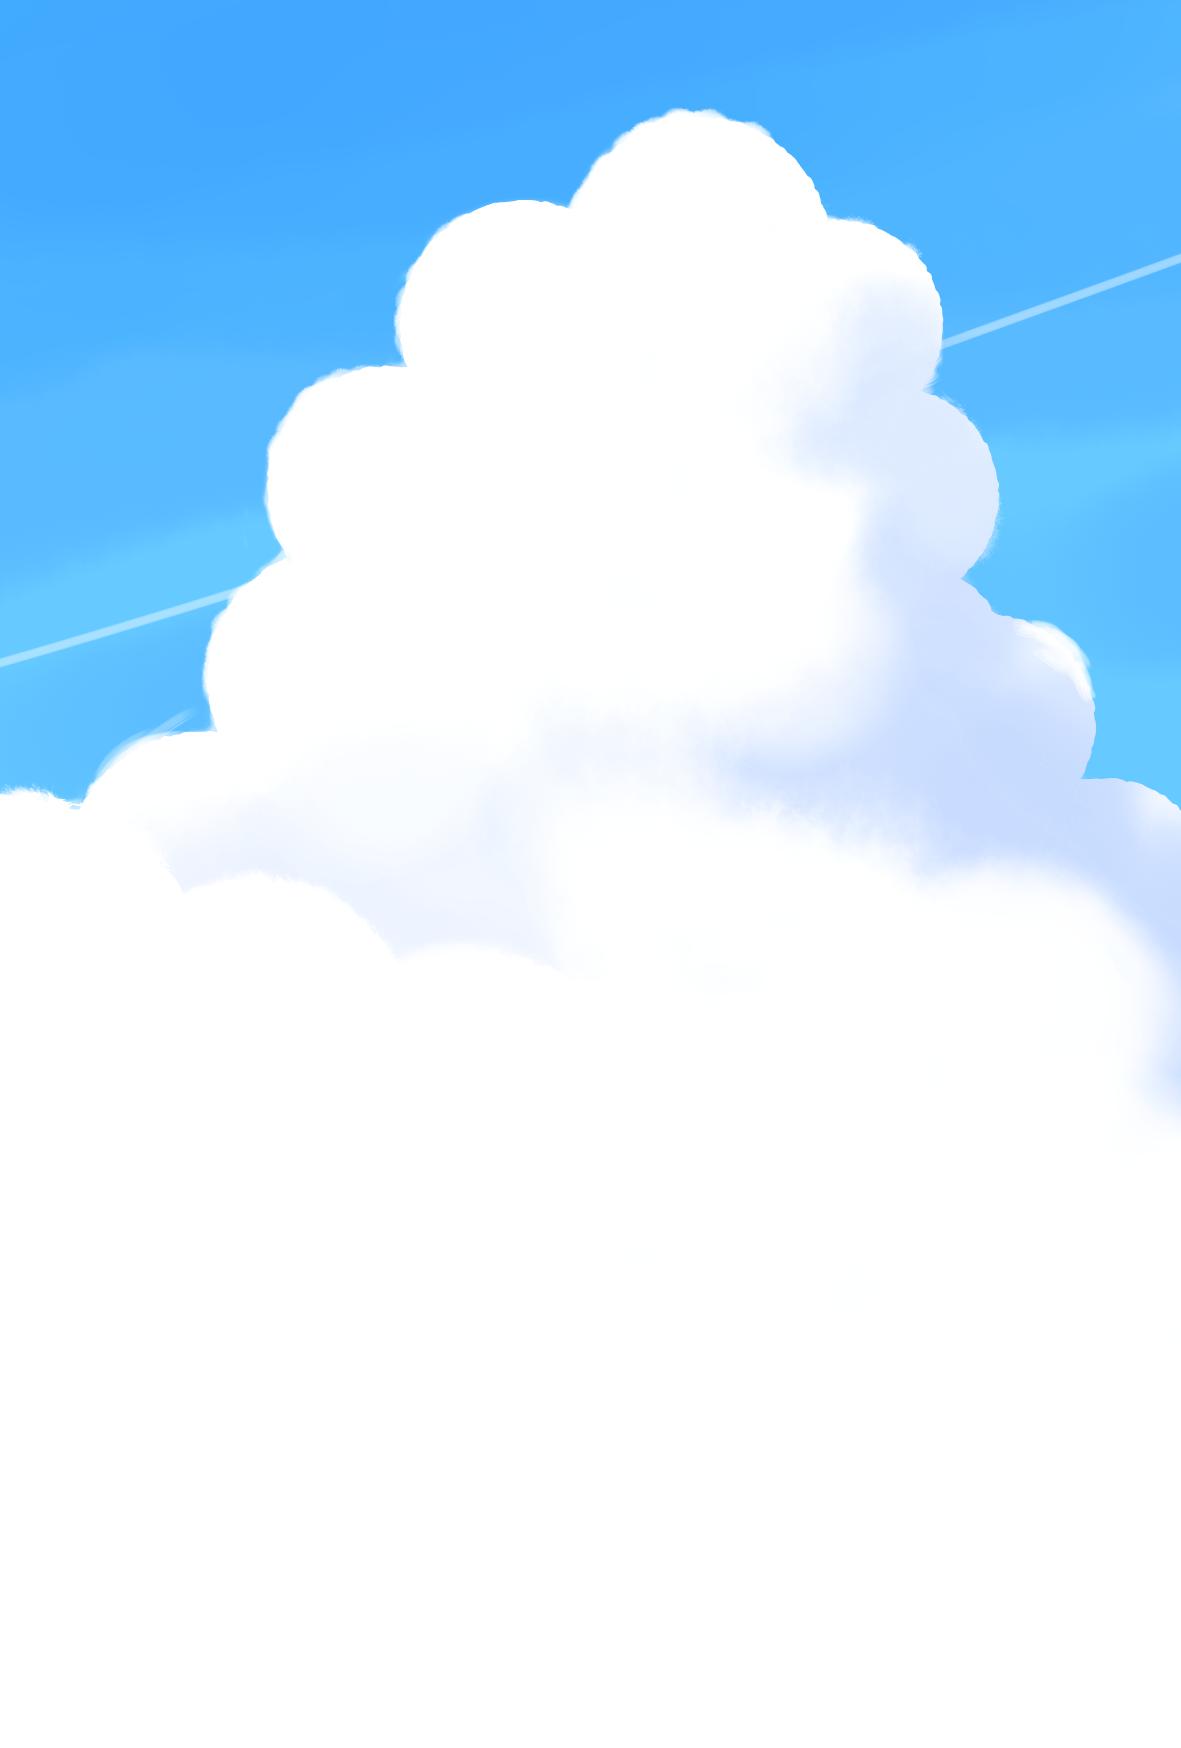 入道雲イラスト(積乱雲) / 夏の空背景 | 可愛い無料イラスト素材集